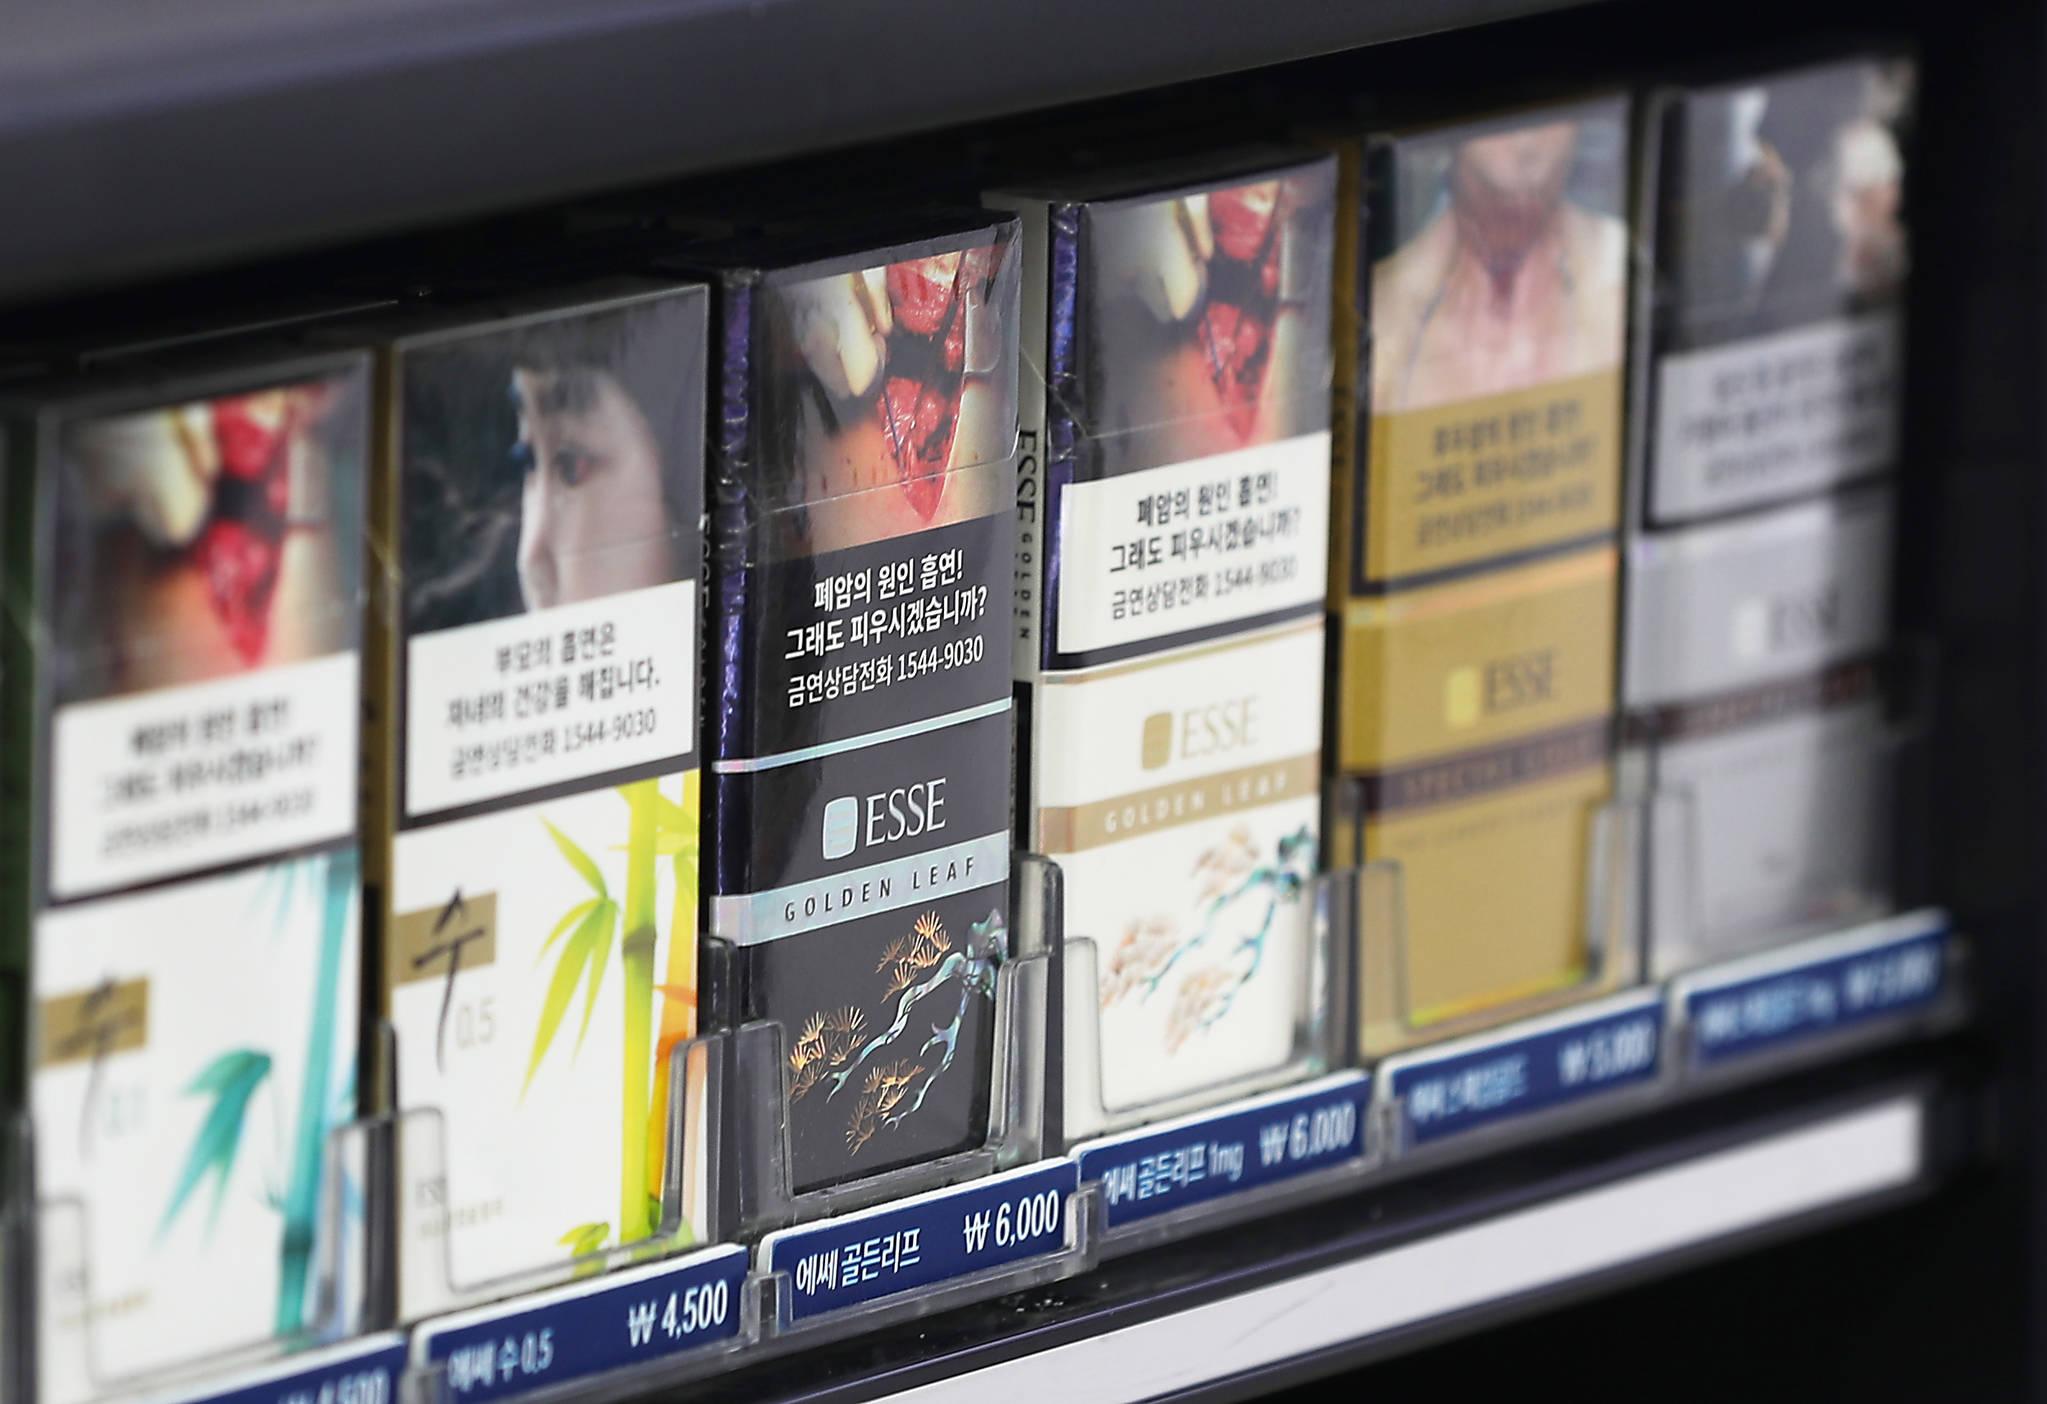 서울 시내 한 편의점에서 판매중인 담배 제품에 다양한 종류의 경고그림이 부착돼 있다. [연합뉴스]